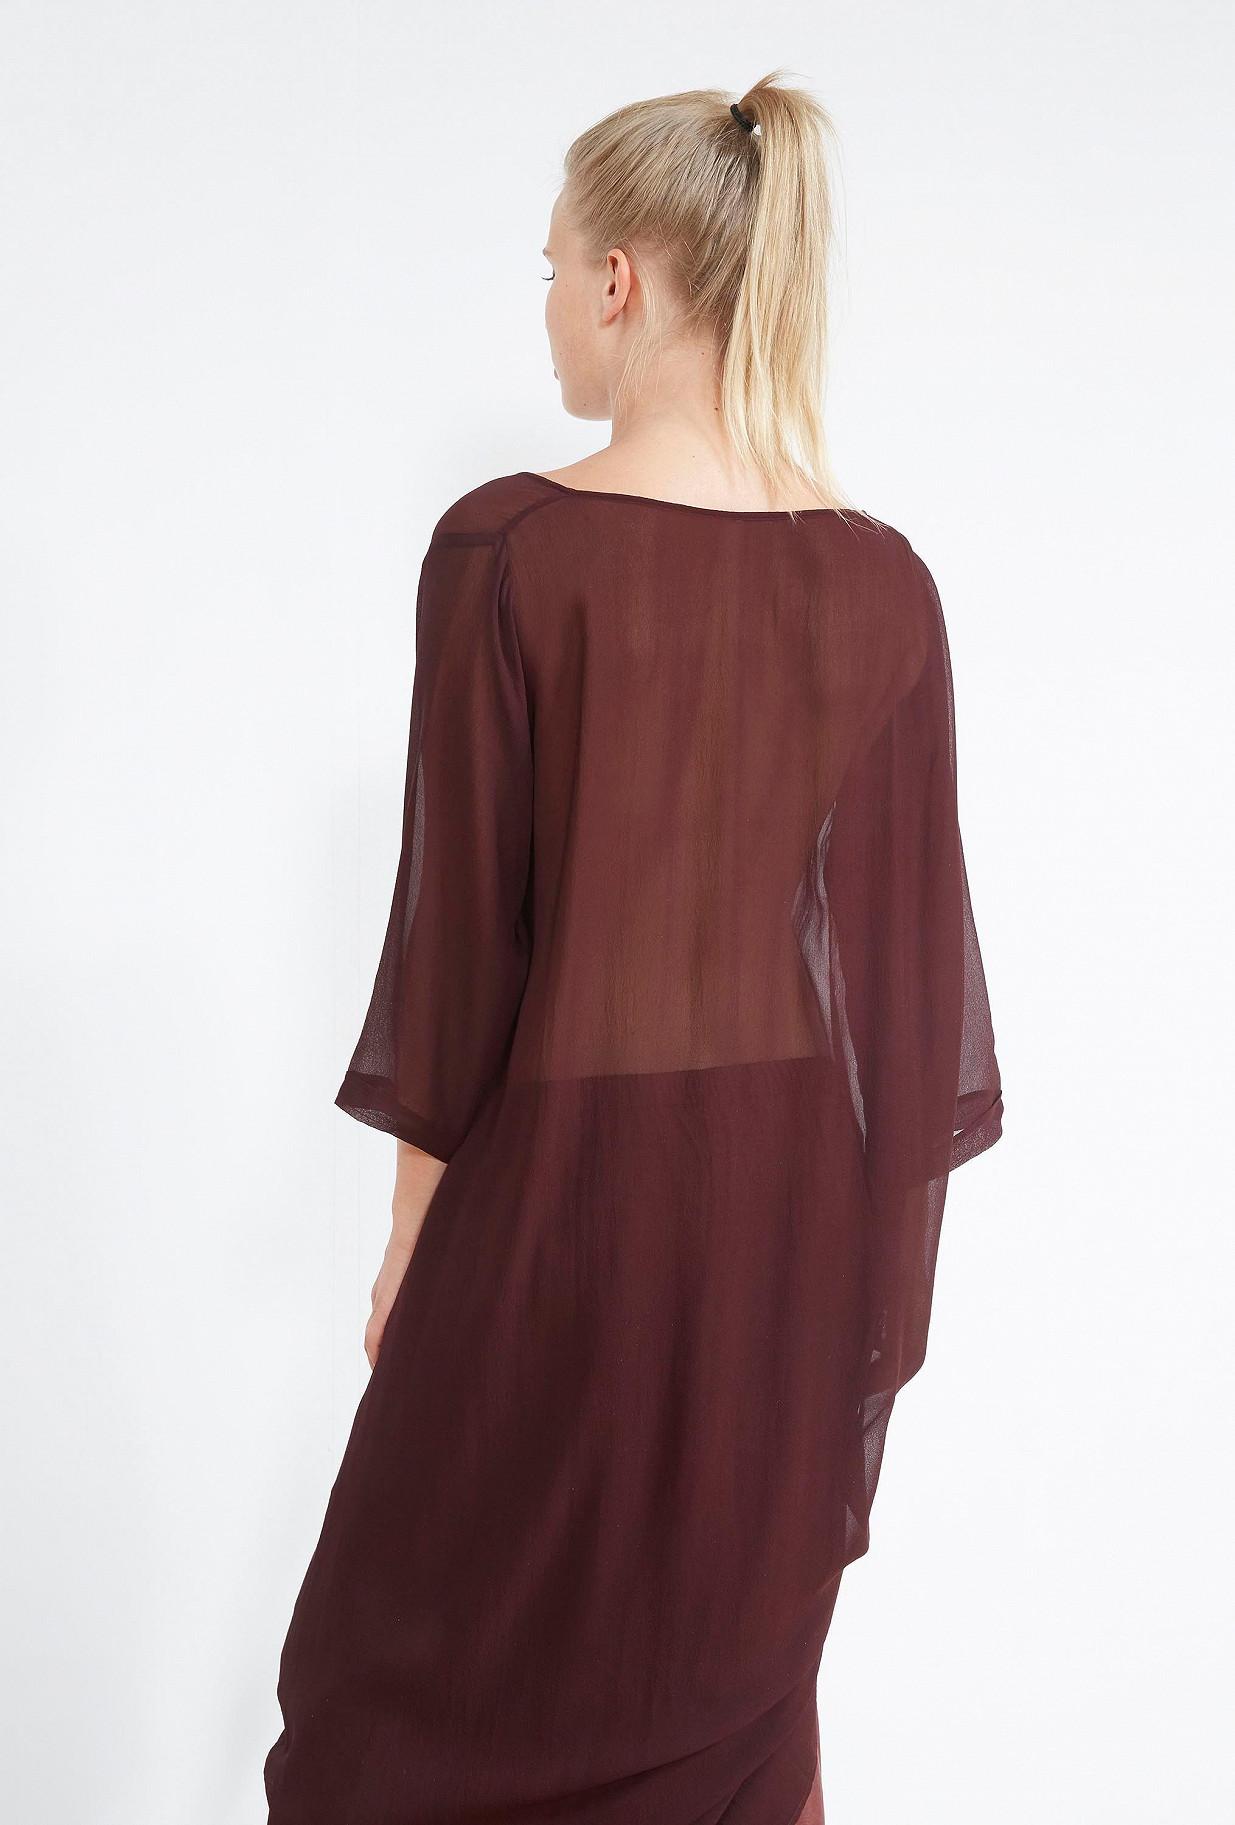 women clothes DRESS  Slow